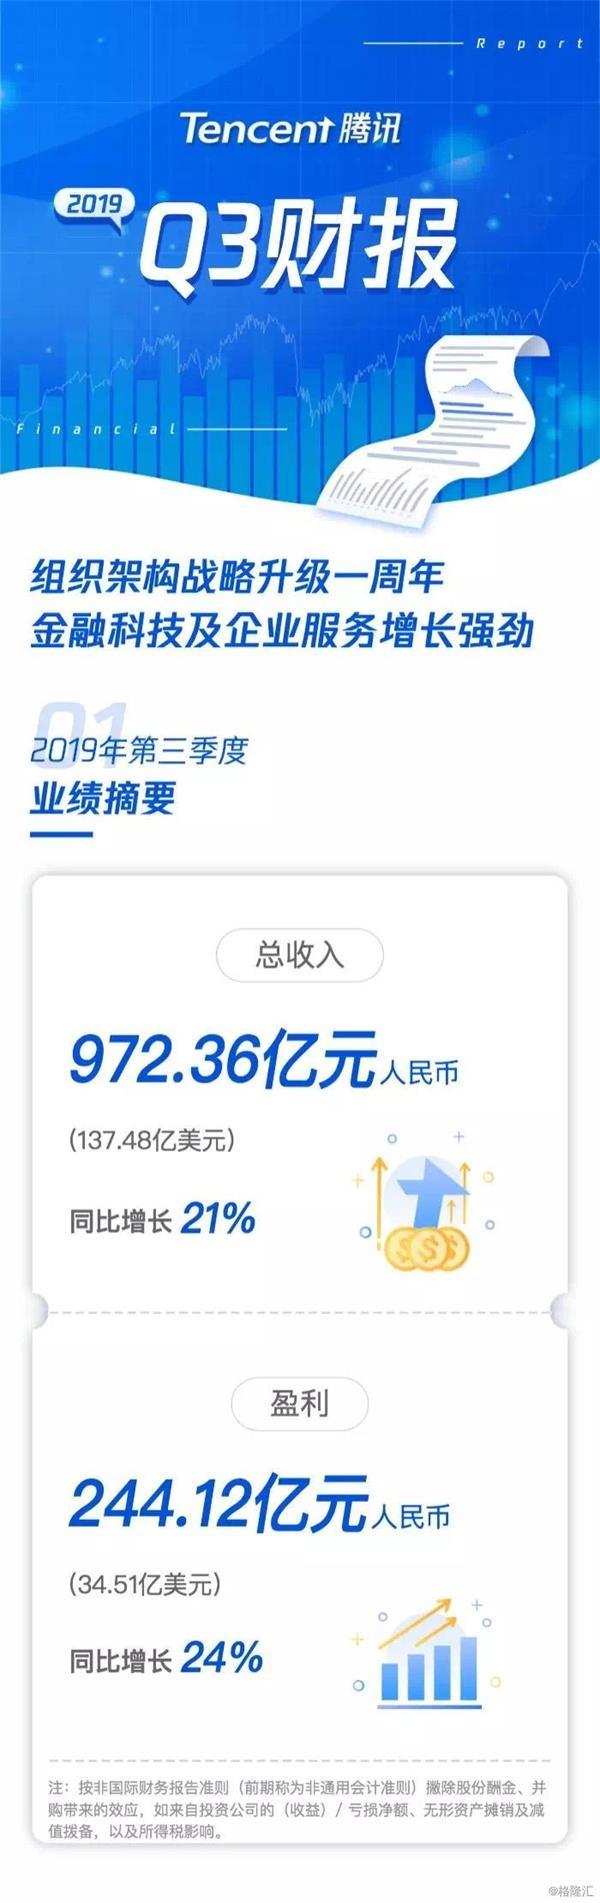 功绩会直击:腾讯第三季度净利244亿 同比增24%_葡萄酒网